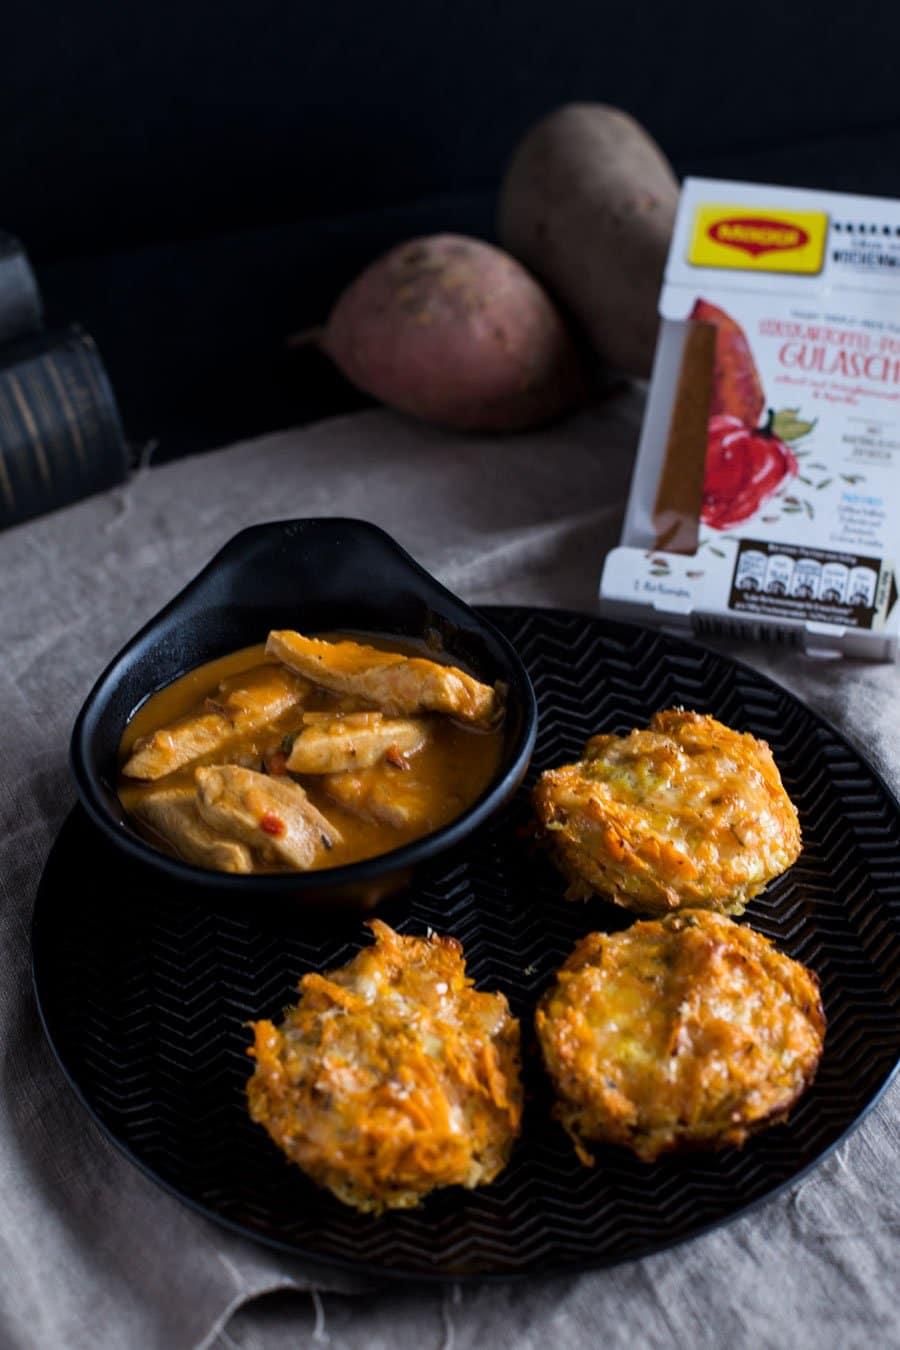 Herzhafte Susskartoffel Rosti Muffins Rezept Vom Blech Die Kuche Brennt